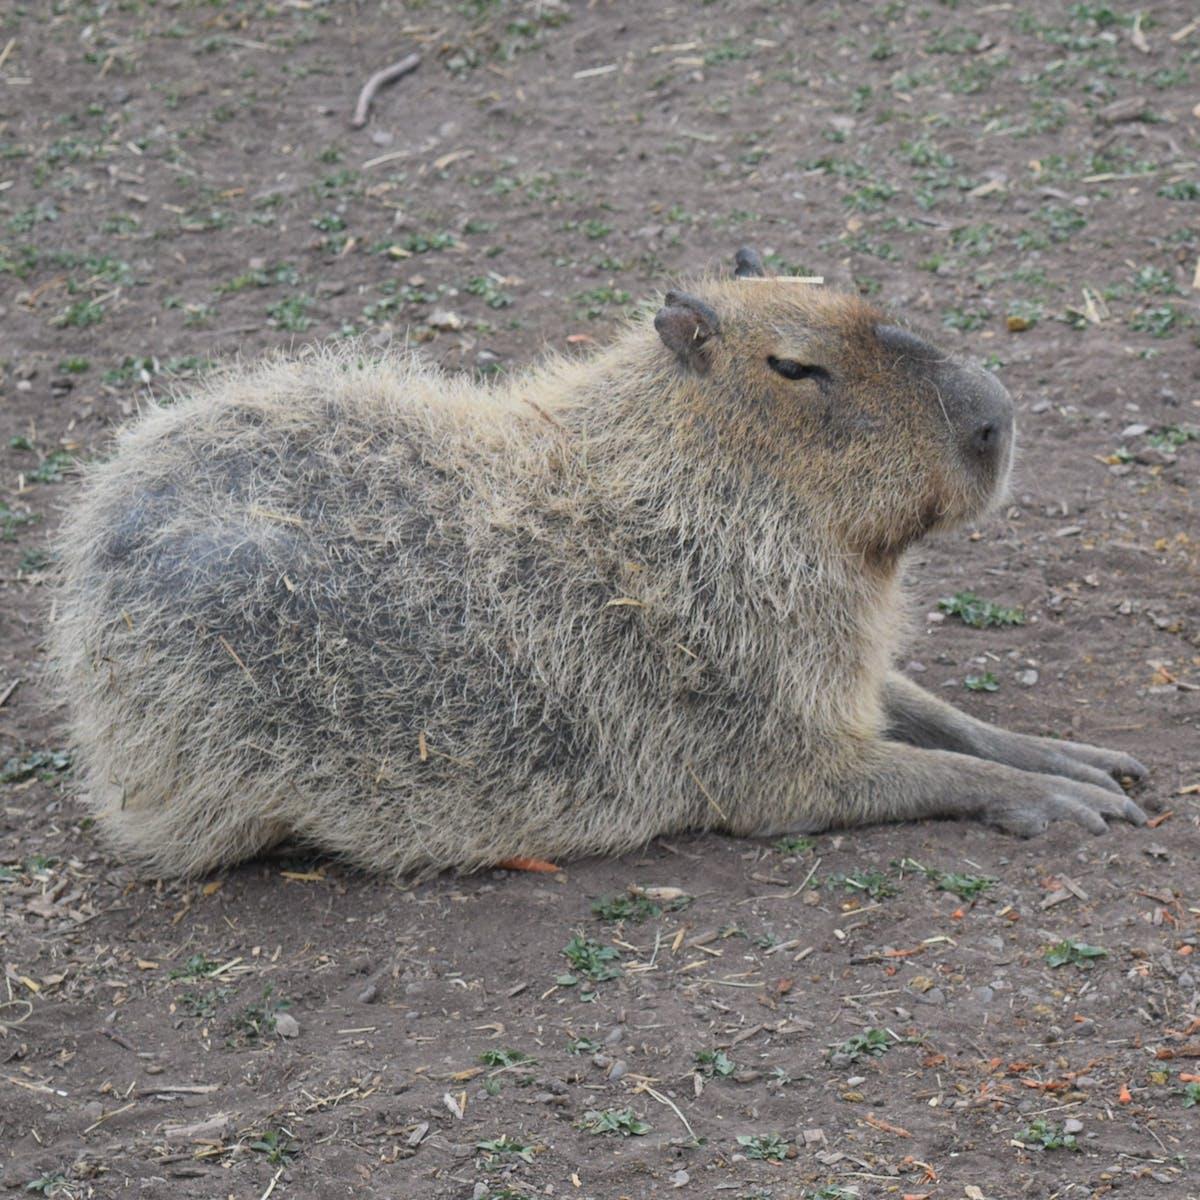 a capybara standing on a dirt field